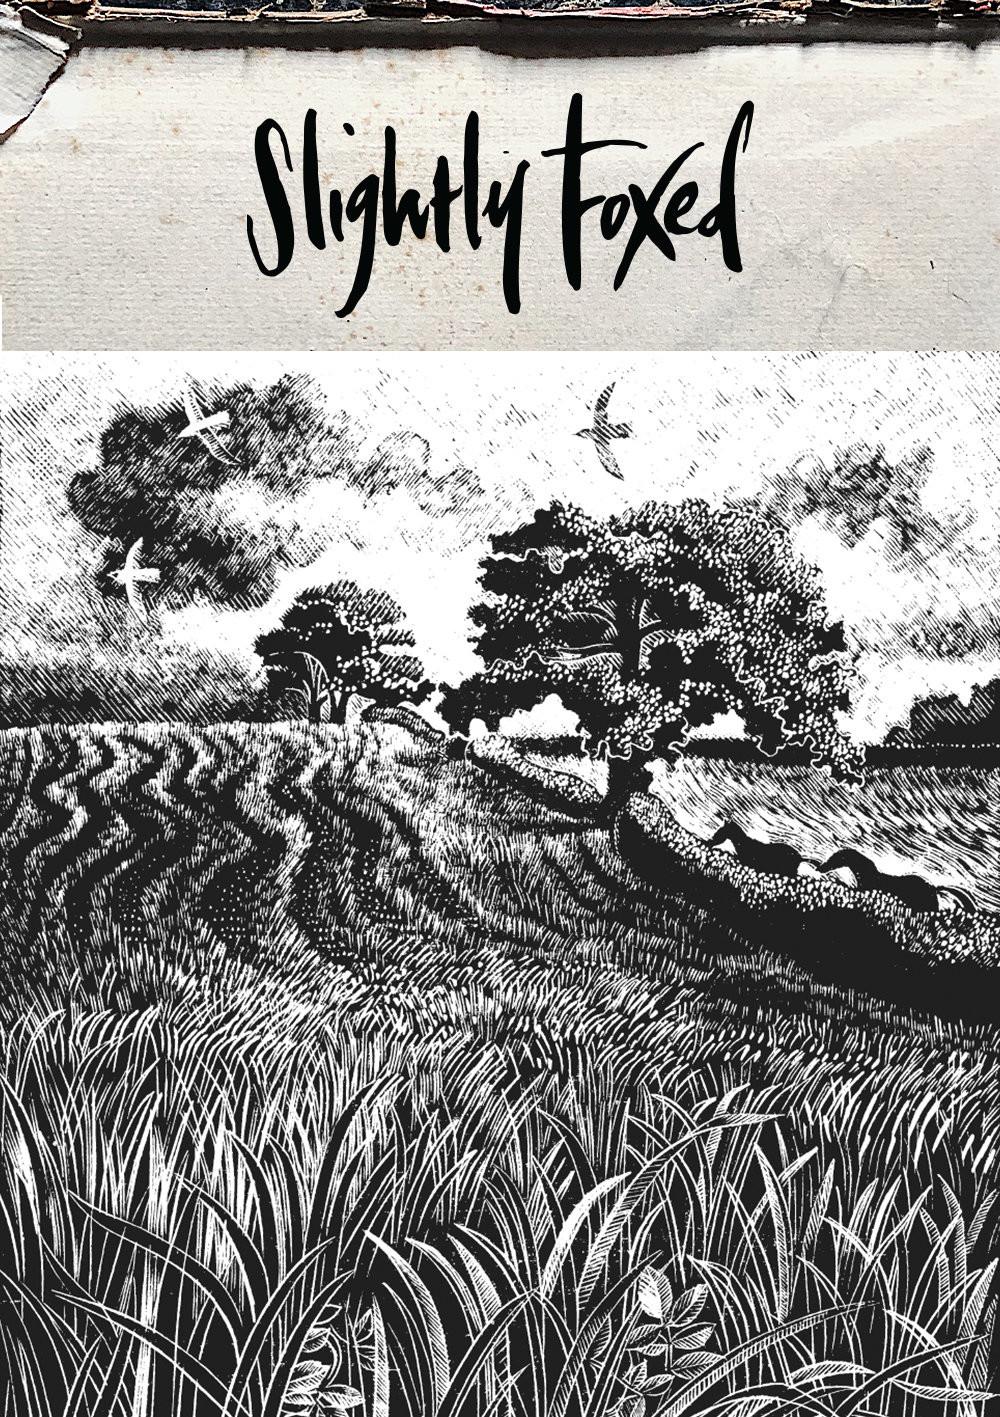 From the Slightly Foxed bookshelves || John Moore, Brensham Village || Easter reading